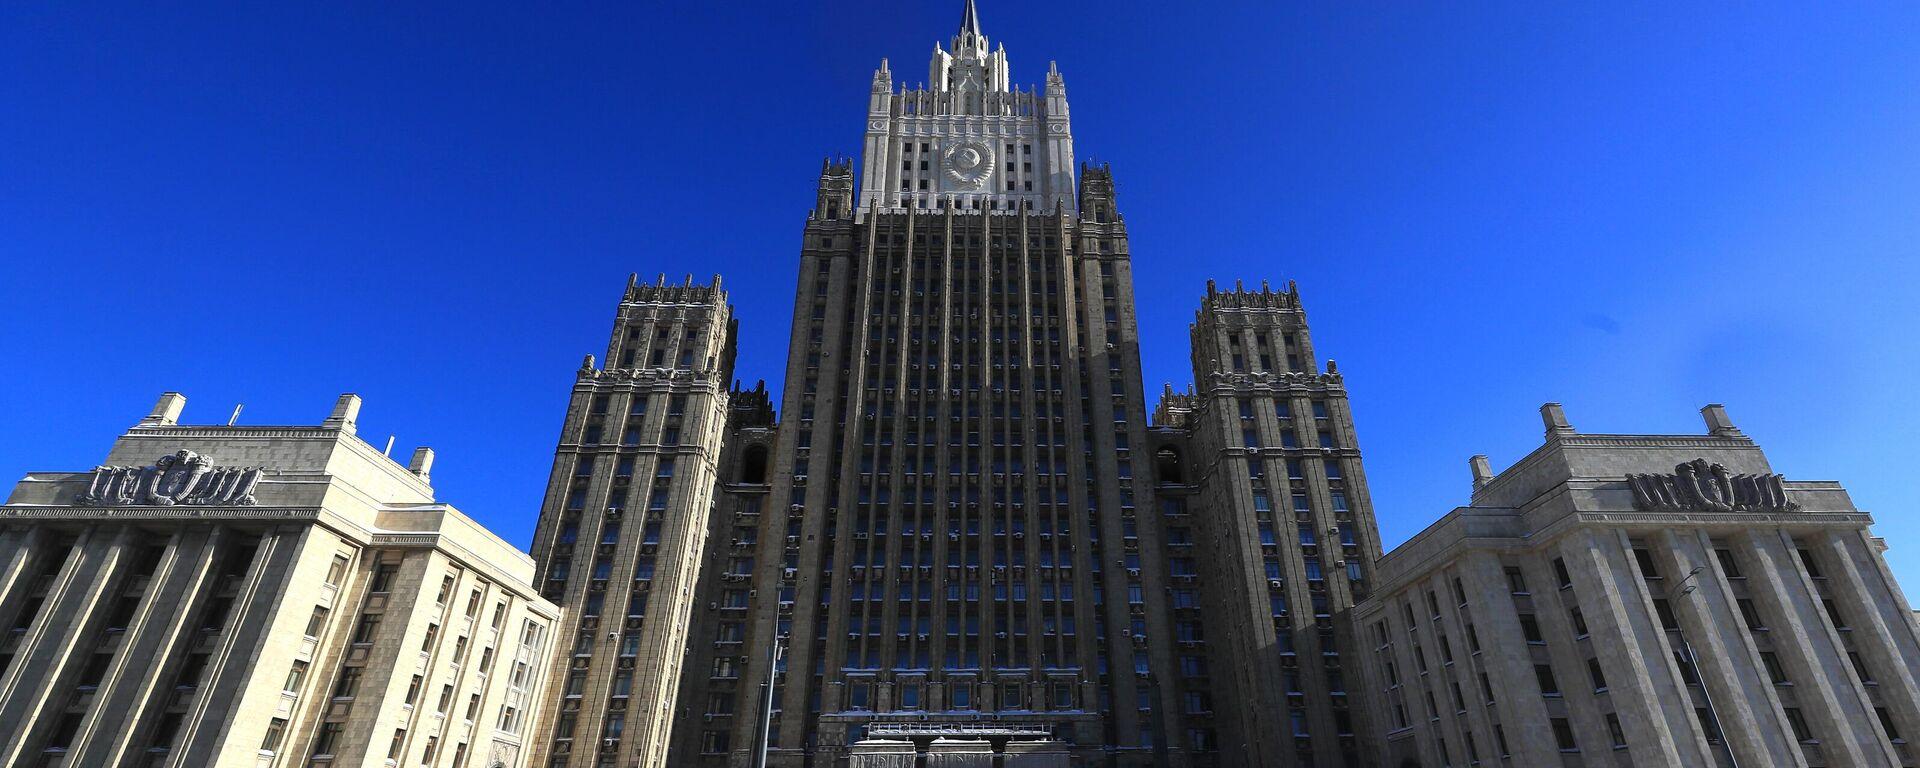 Ministerio de Asuntos Exteriores de Rusia - Sputnik Mundo, 1920, 14.04.2021